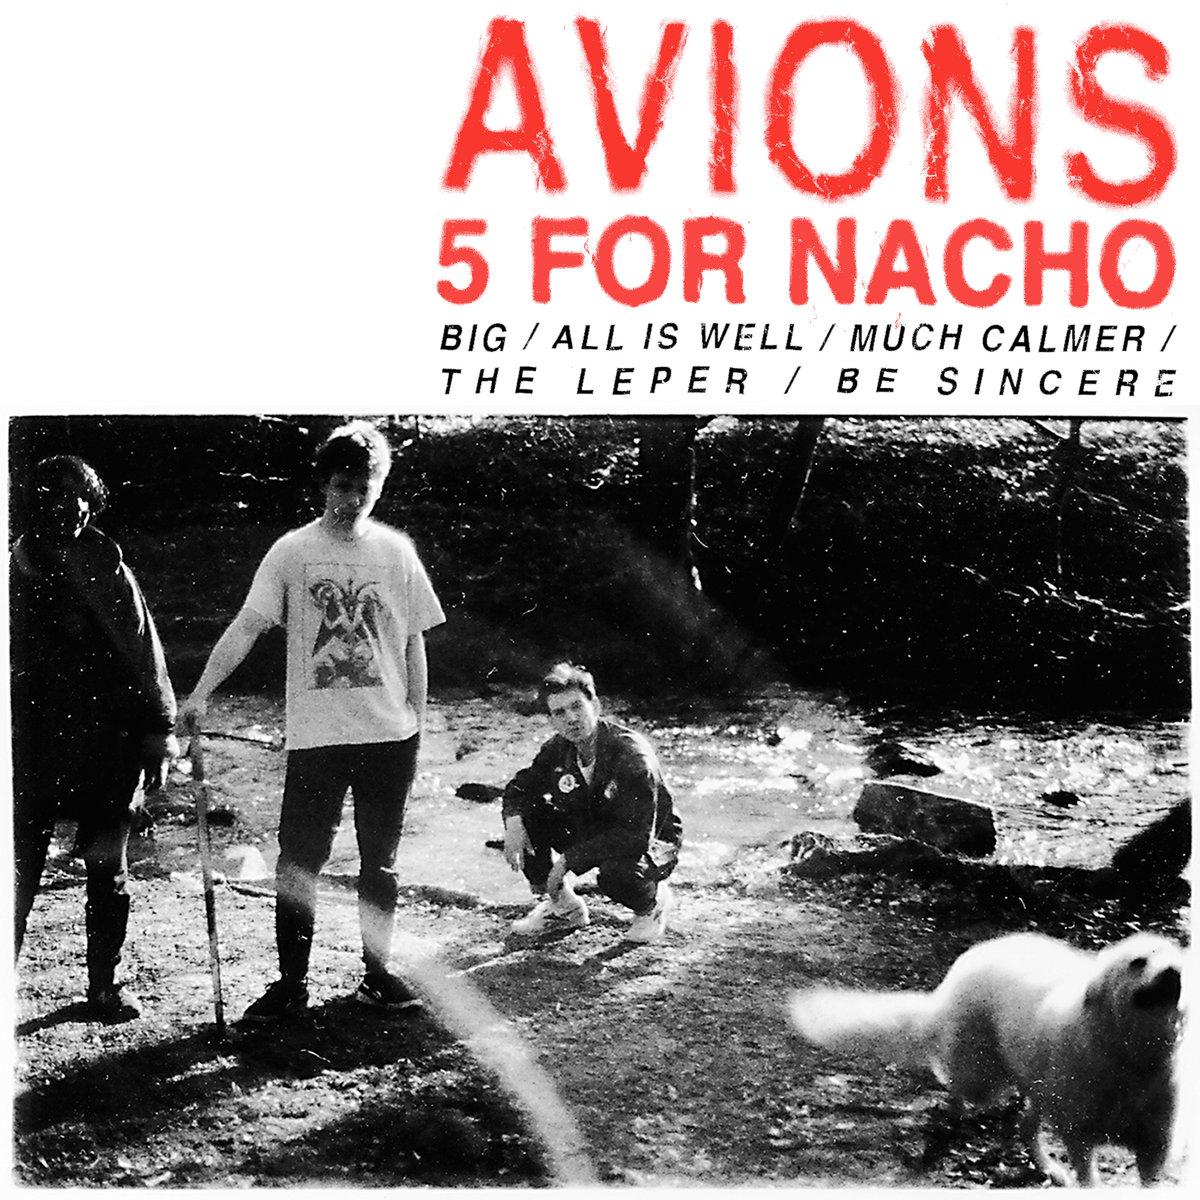 Avions – 5 For Nacho